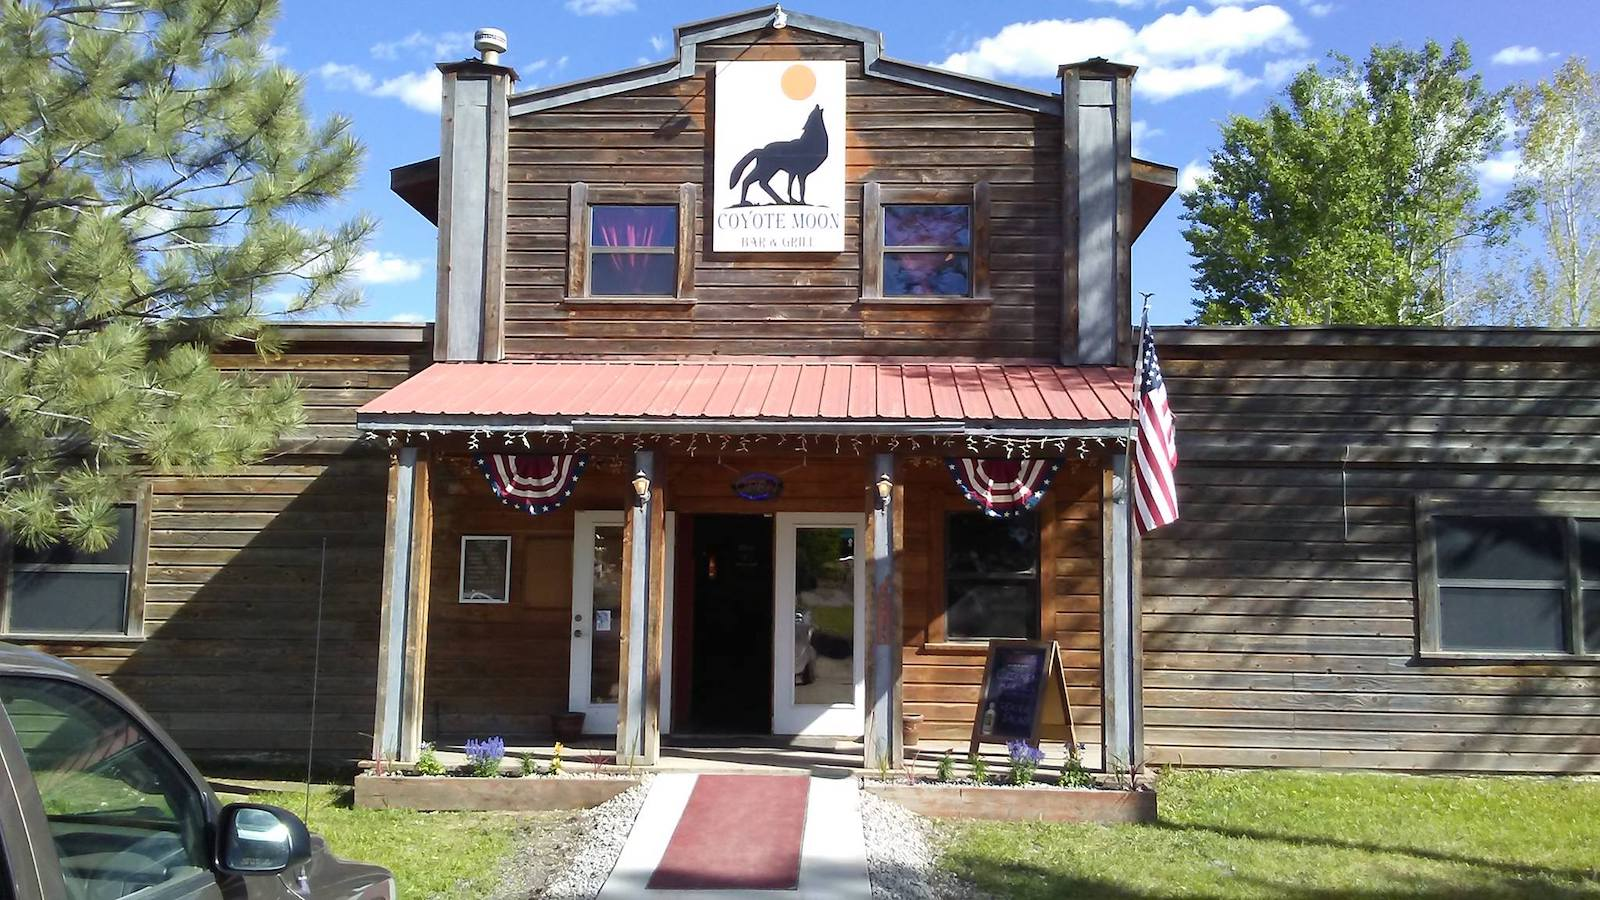 Gambar Coyote Moon Bar and Grill di Pagosa Springs, Colorado